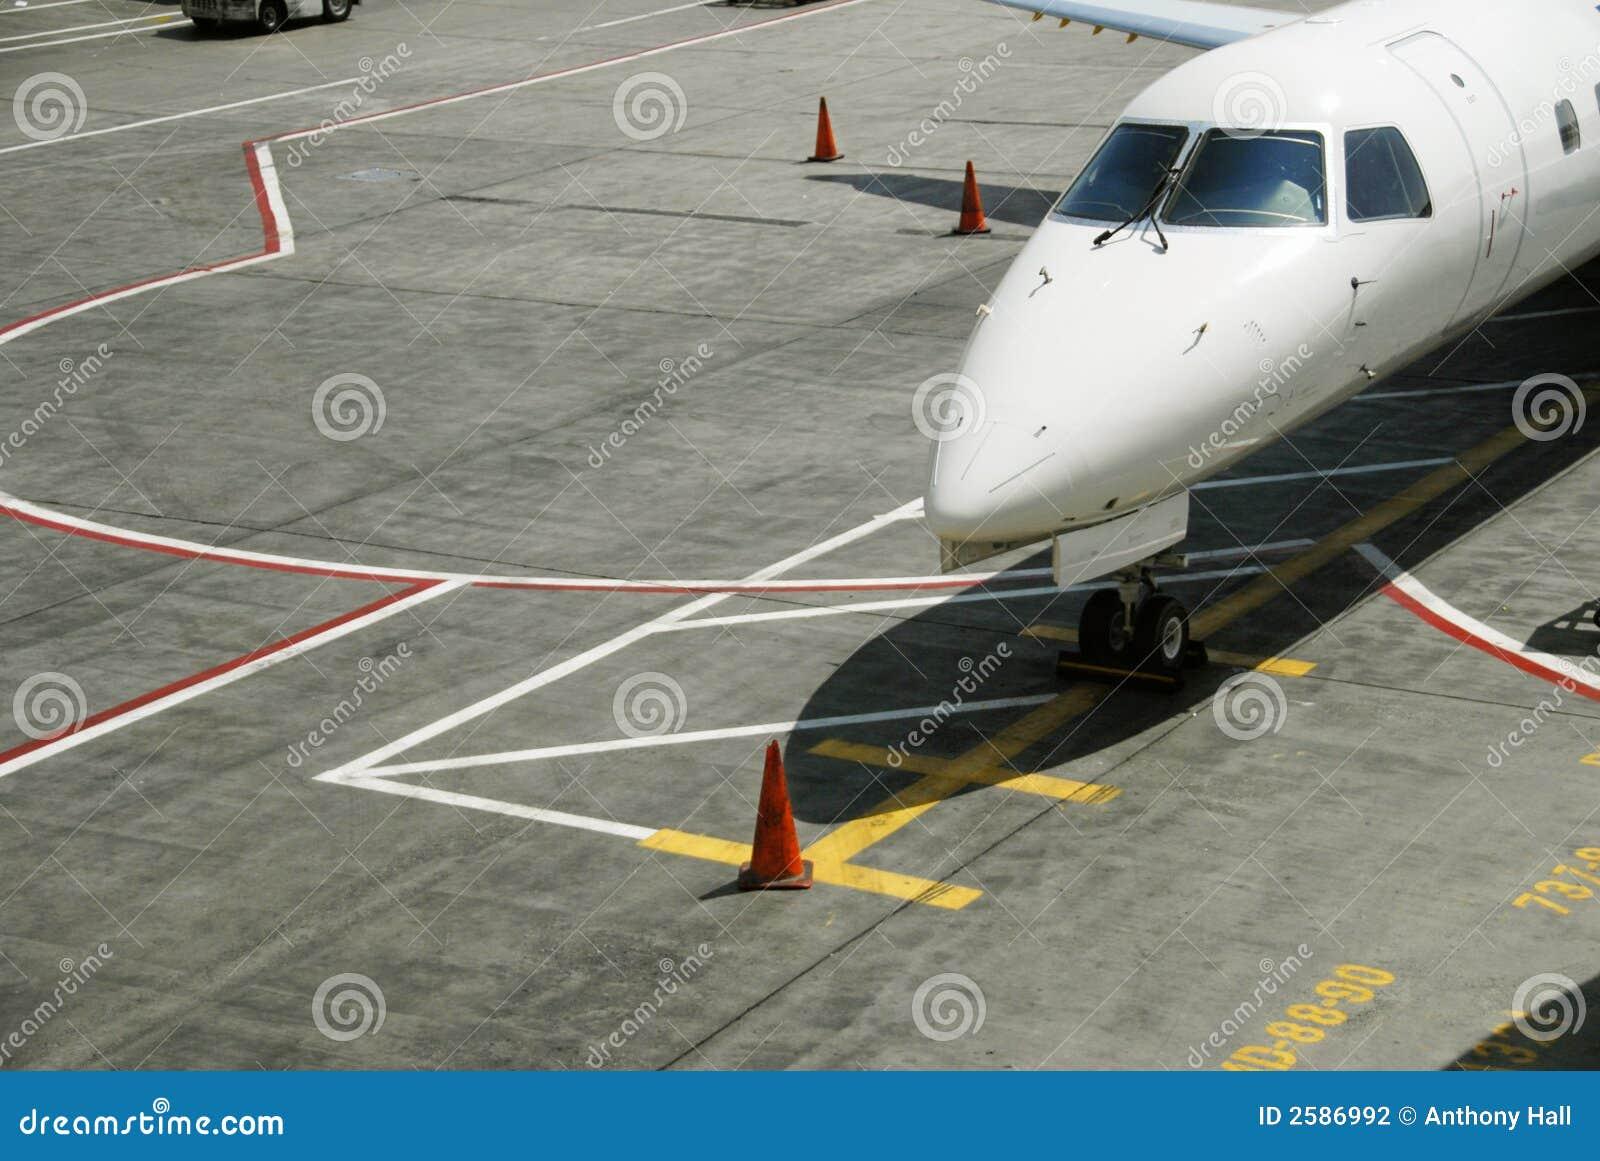 Jet dell abbonato sulla pista per manovre